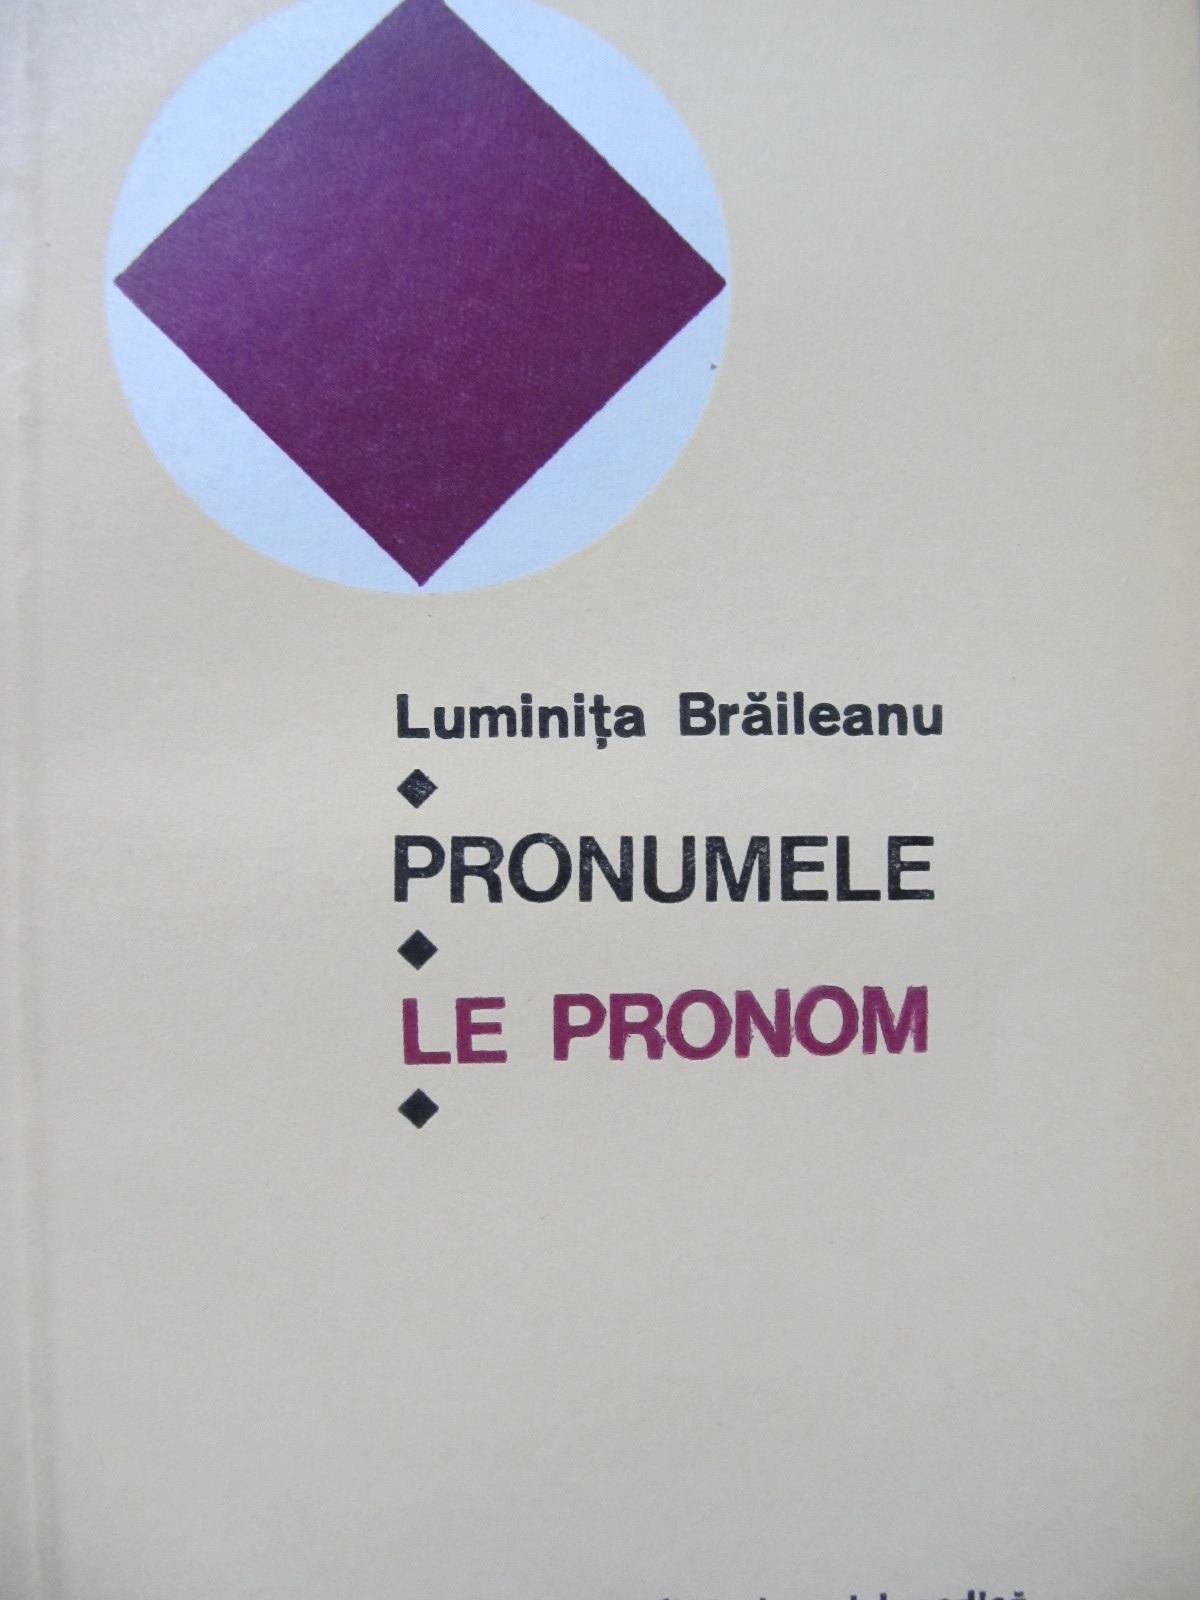 Pronumele - Le pronom - Luminita Braileanu | Detalii carte